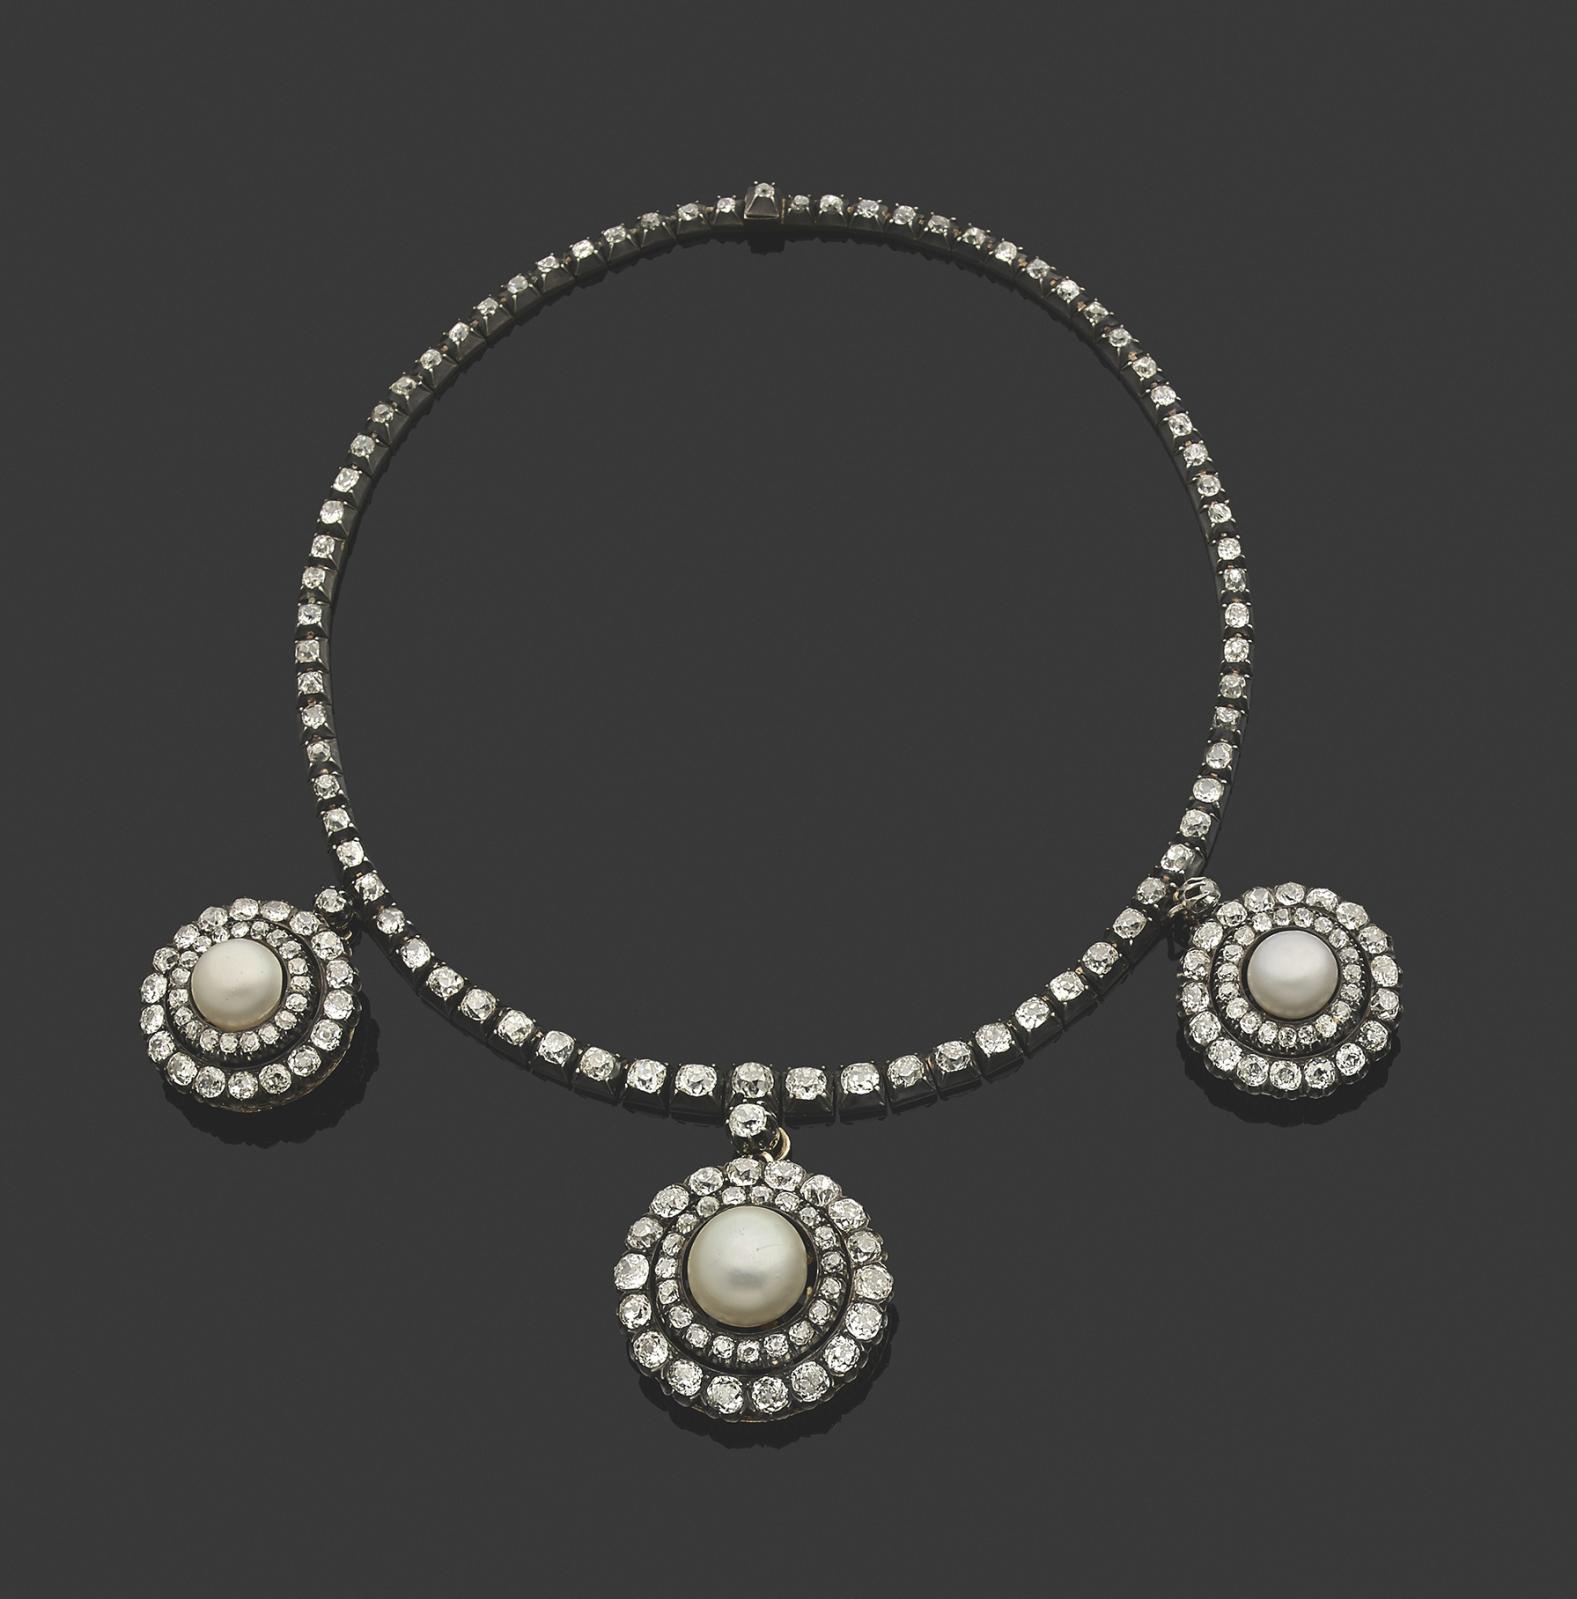 Le XIXesiècle adorait les bijoux à transformation. Ainsi, avec un seul et même modèle, les belles pouvaient-elles jouer à changer de paru